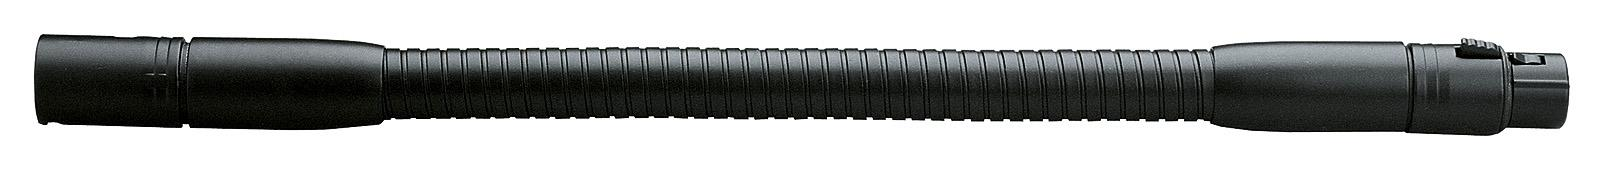 König & Meyer 230/2 Schwanenhals - schwarz